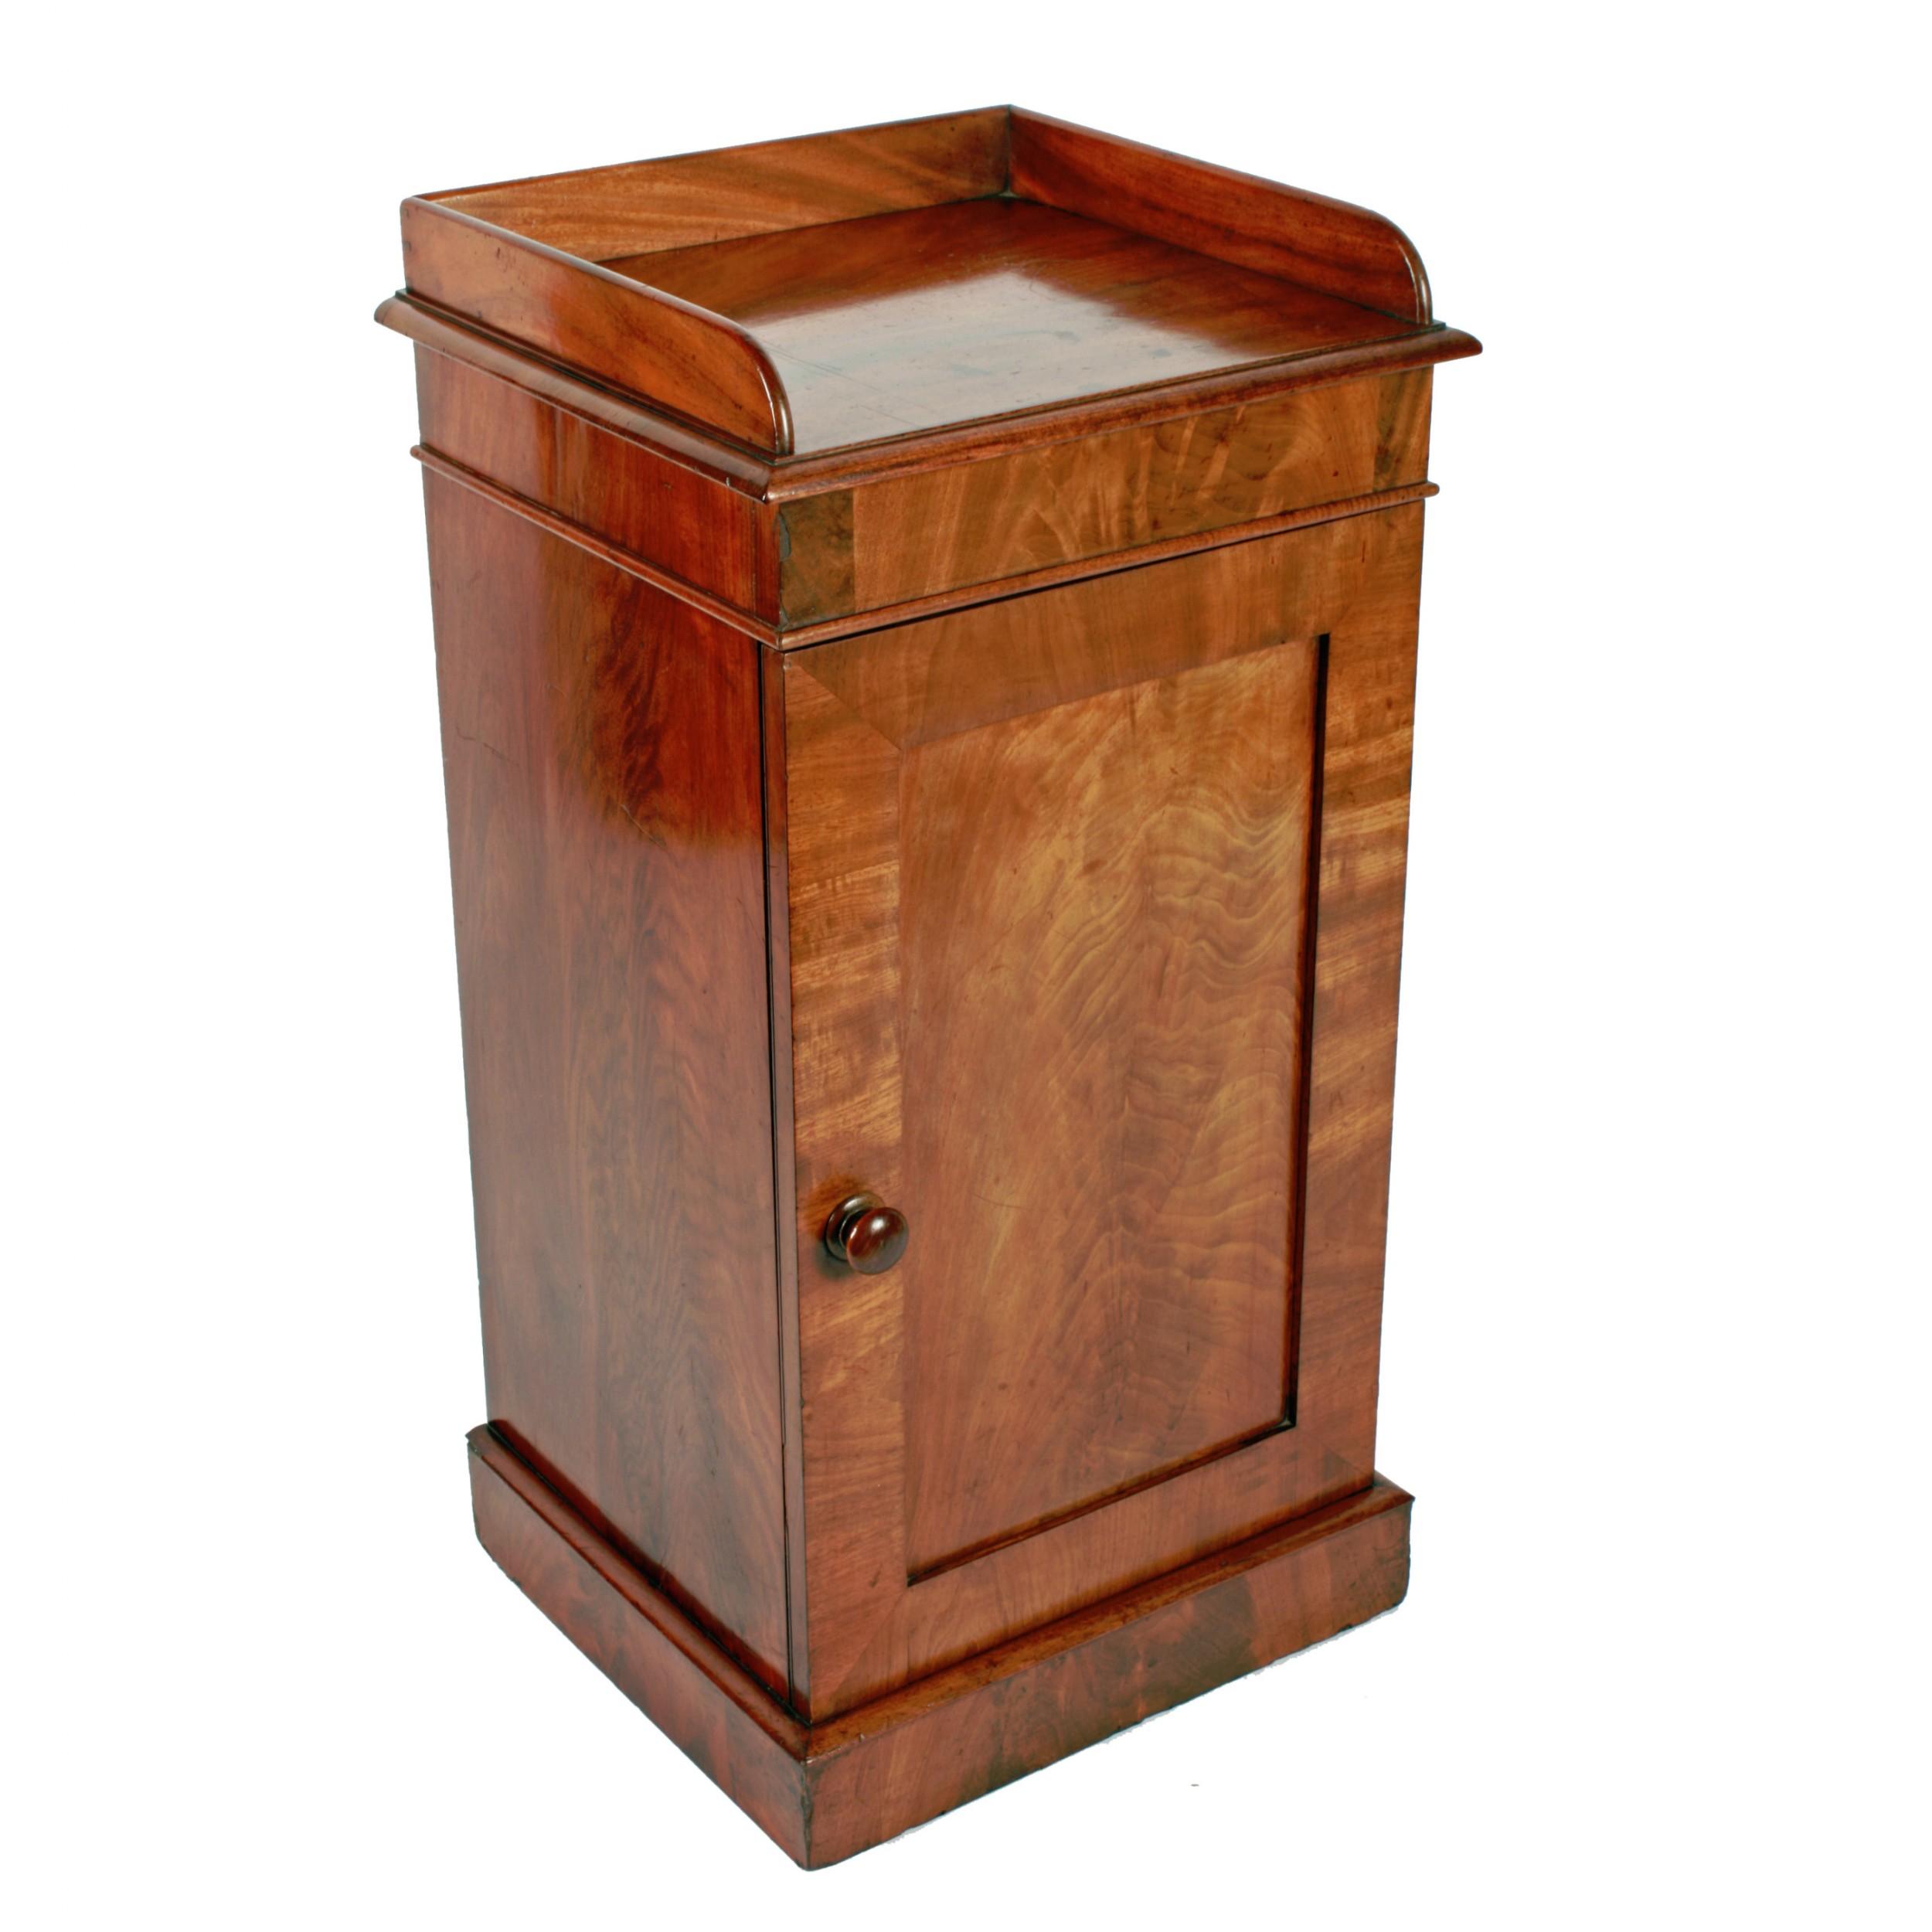 19th century mahogany bedside cabinet